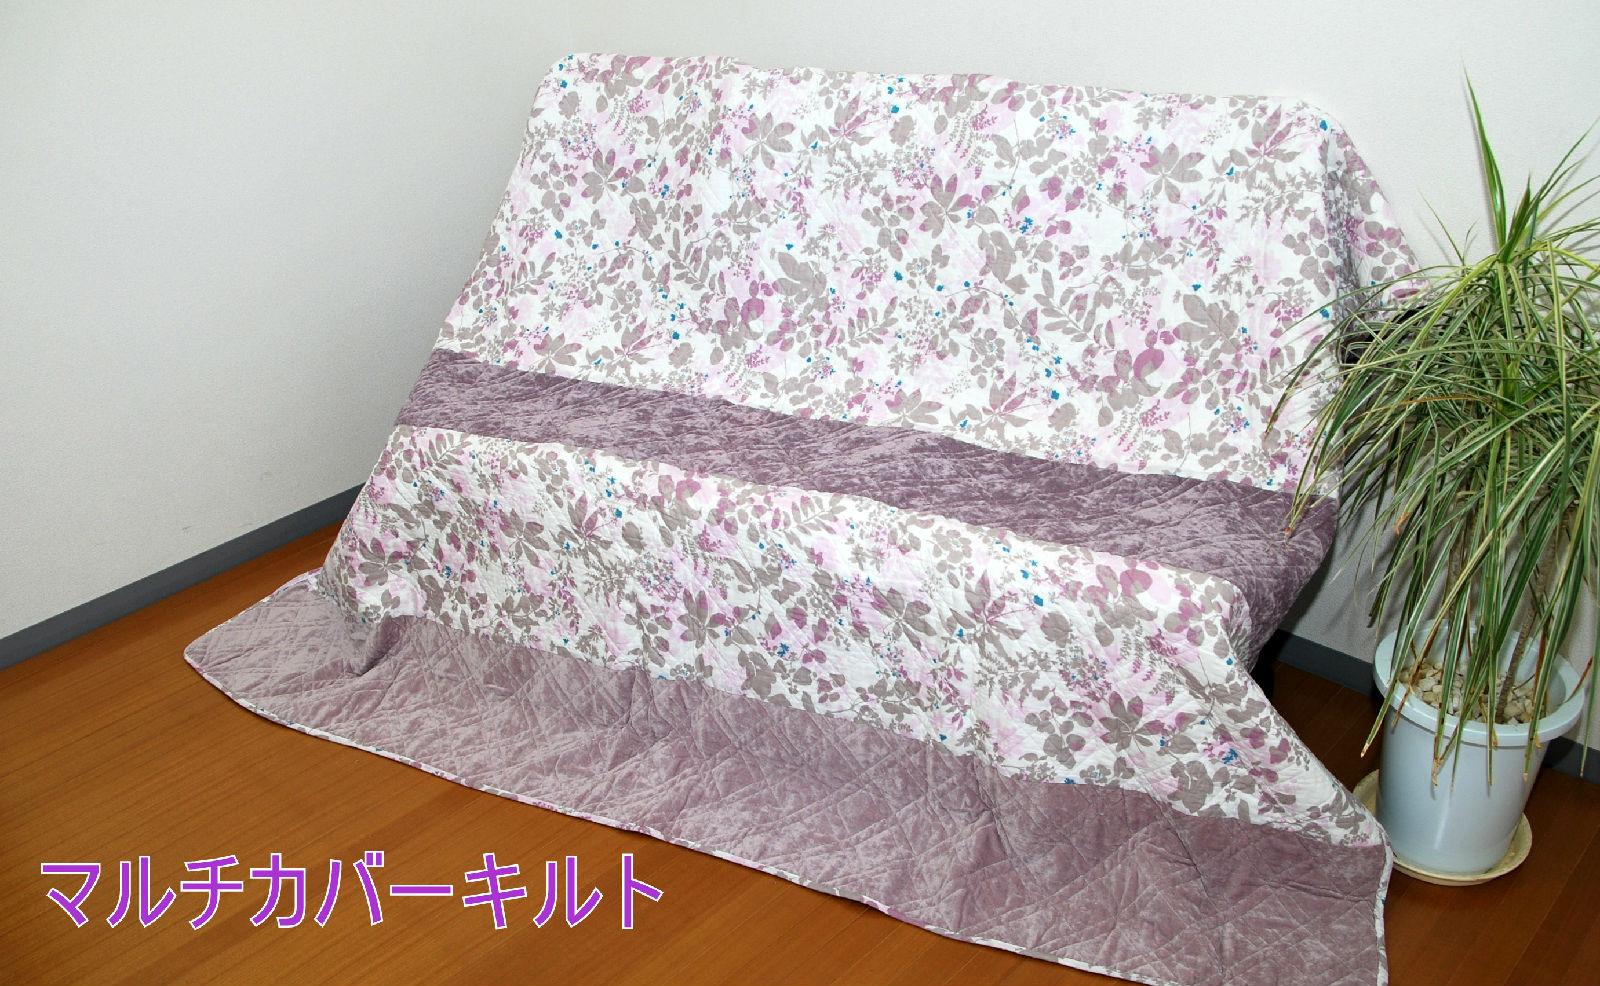 評判 リバーシブル起毛素材☆年間を通してお使いいただけます 汚れたら洗濯機で丸洗い可能 マルチカバーキルト花柄190×240 ピンク 至上 グリーン